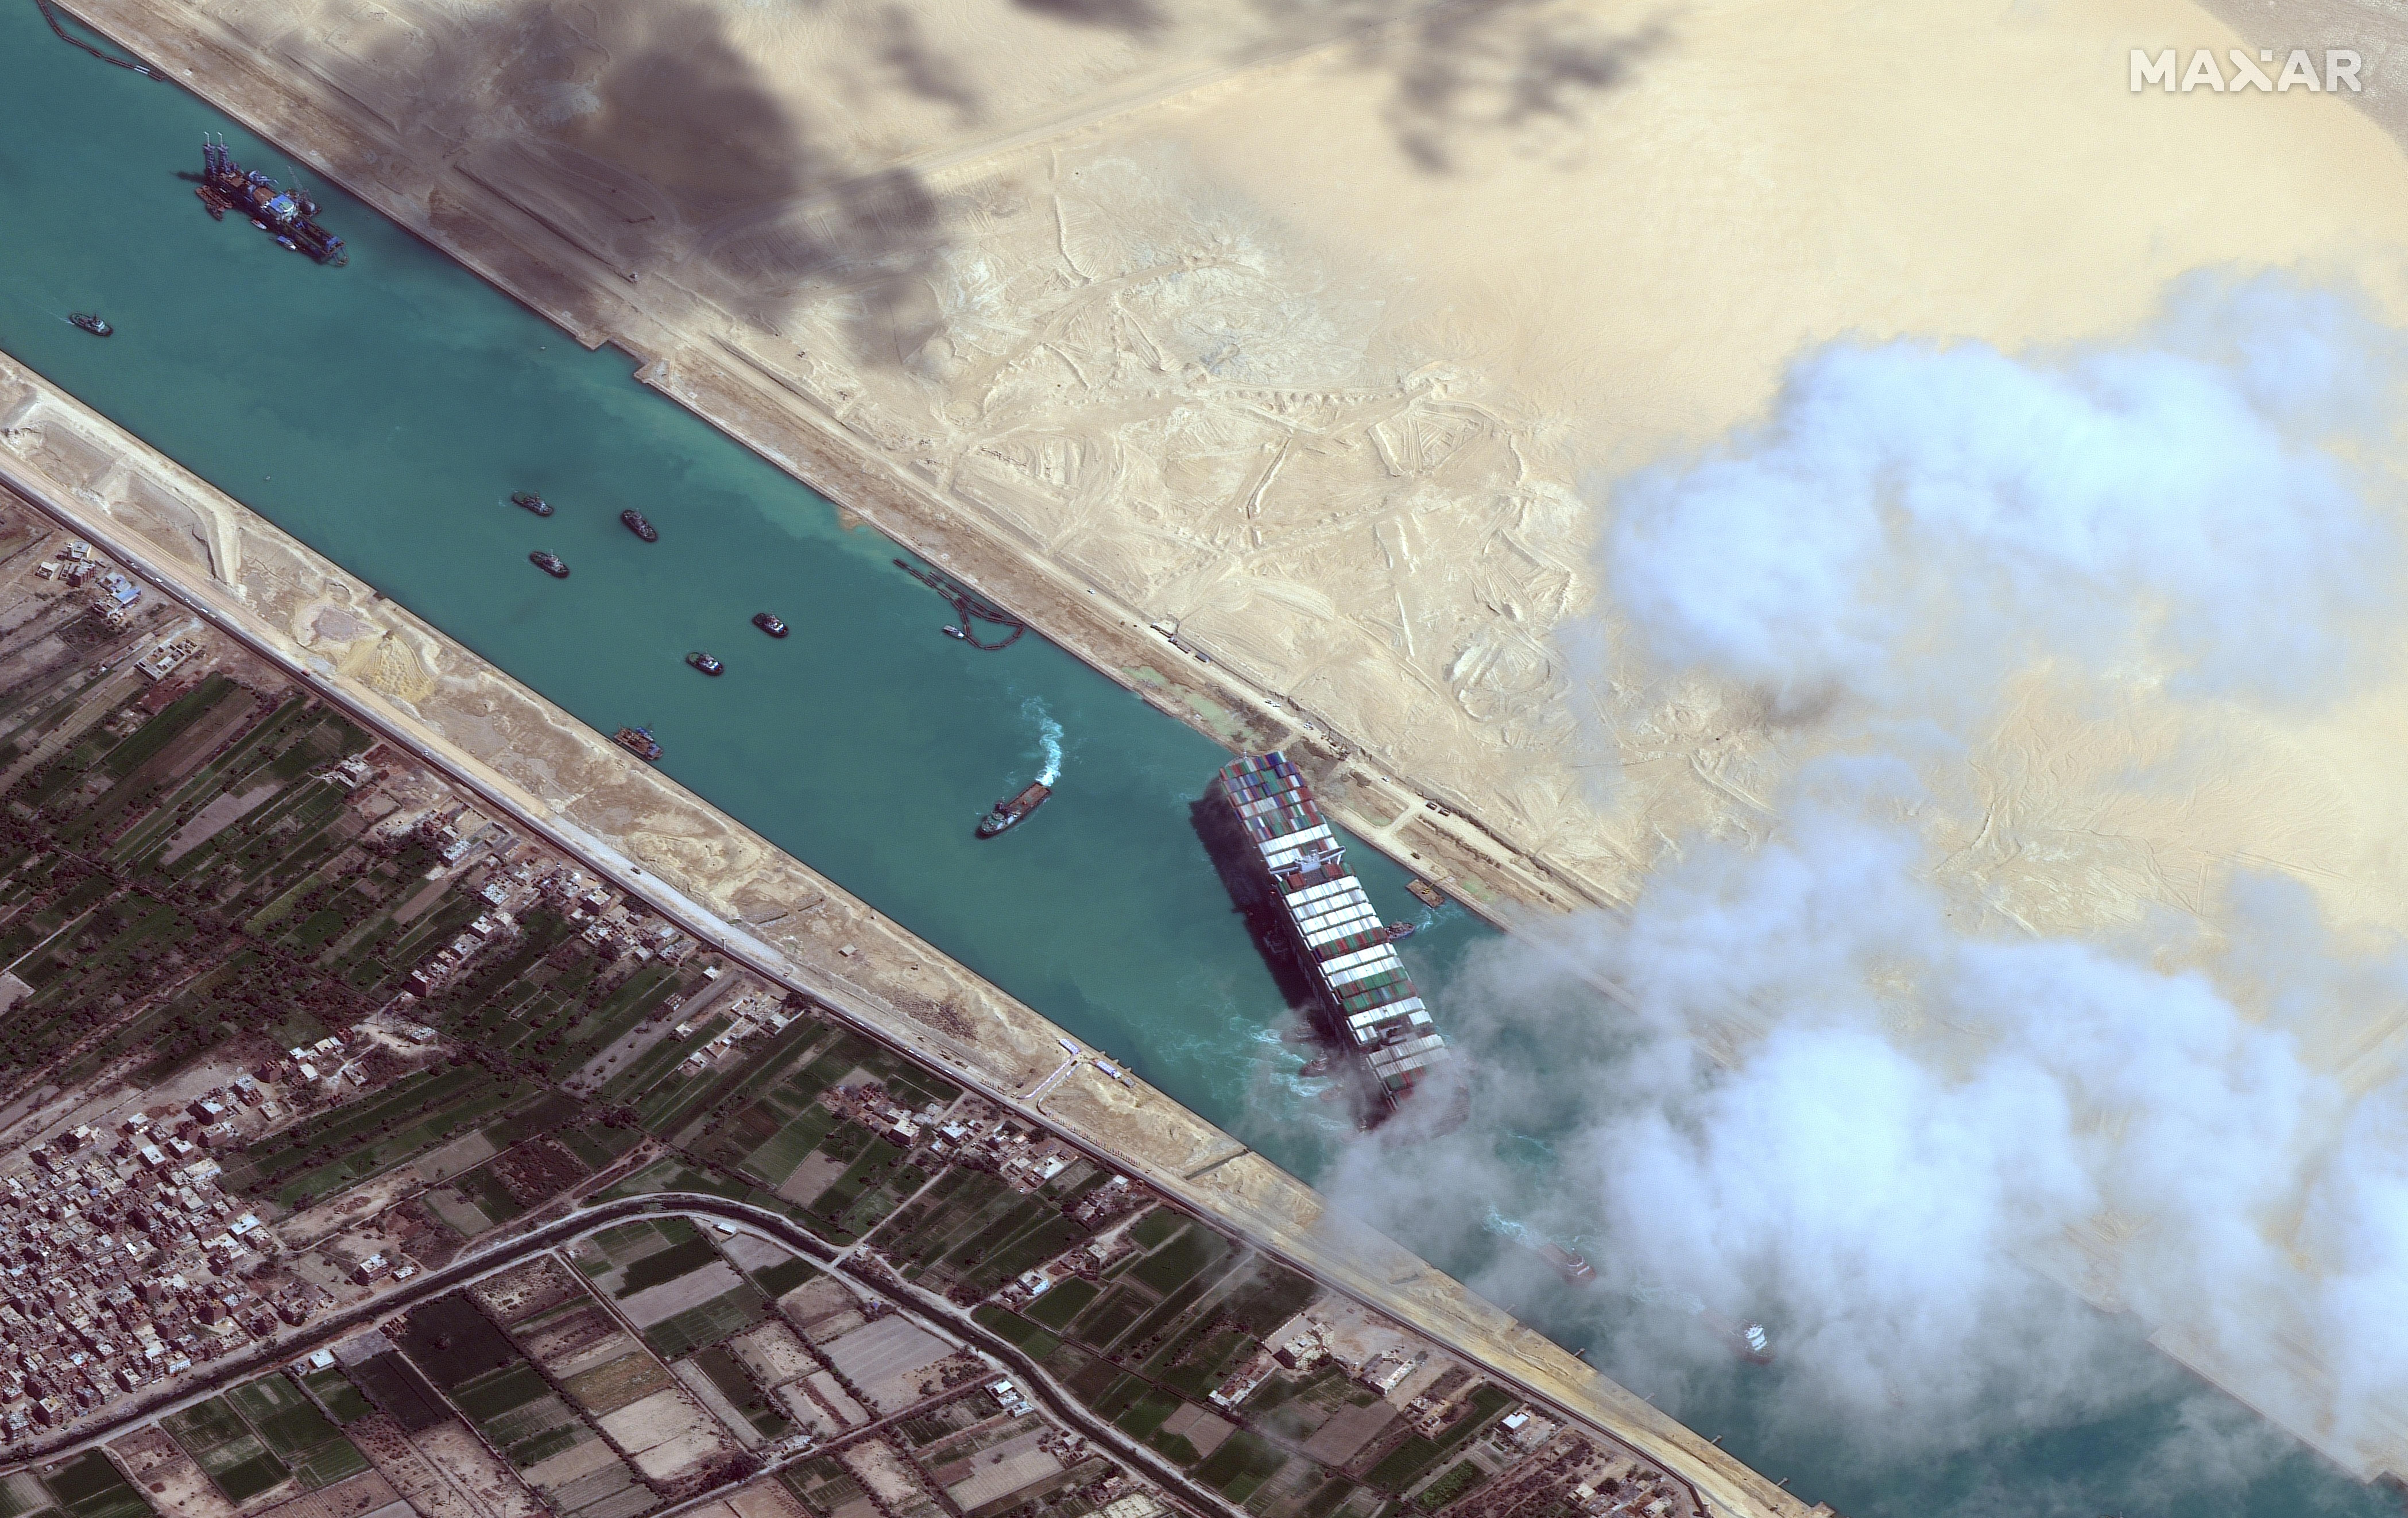 El barco Ever Given, en el canal de Suez (Egipto).